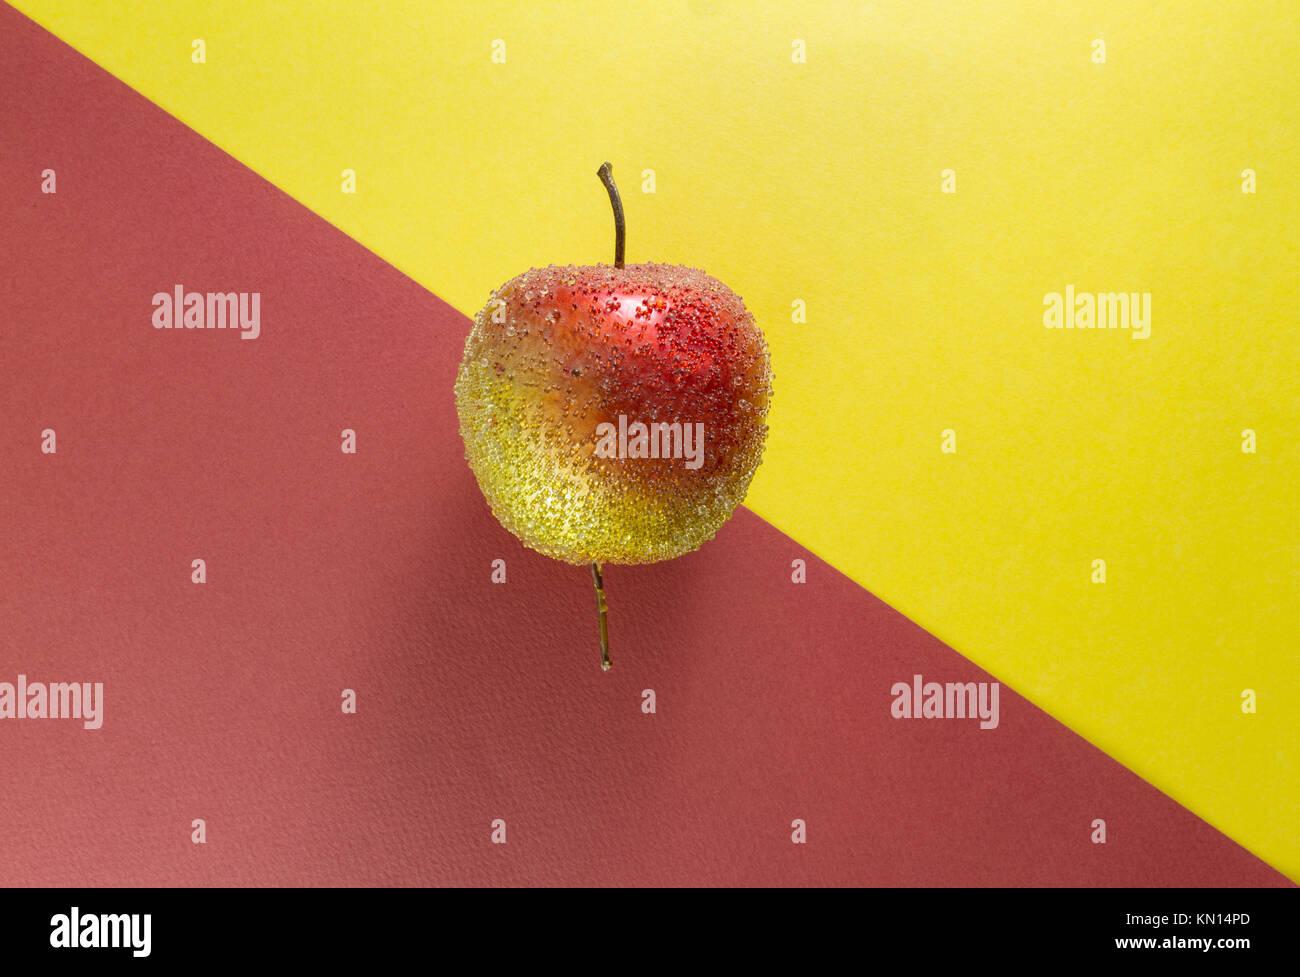 Sfondi Natalizi Apple.Natale Decorativo Apple Su Giallo E Marrone Sfondi Posizionato